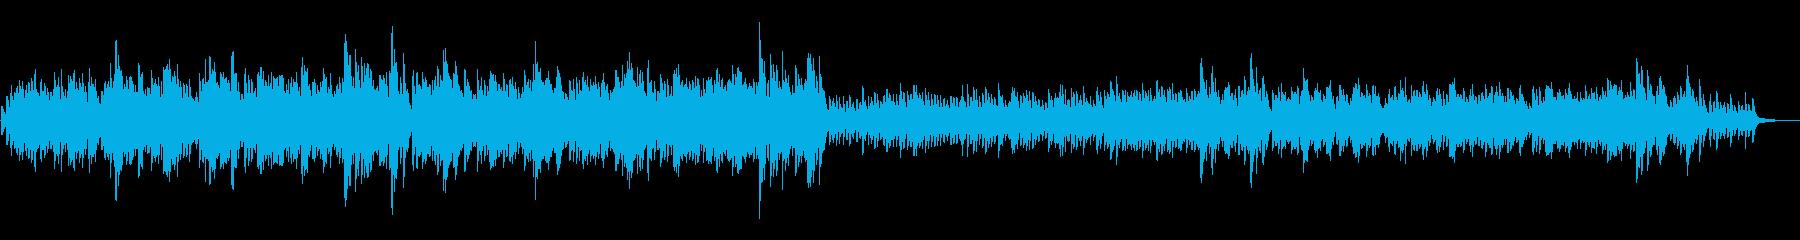 リラックスしたサウンドスケープのた...の再生済みの波形